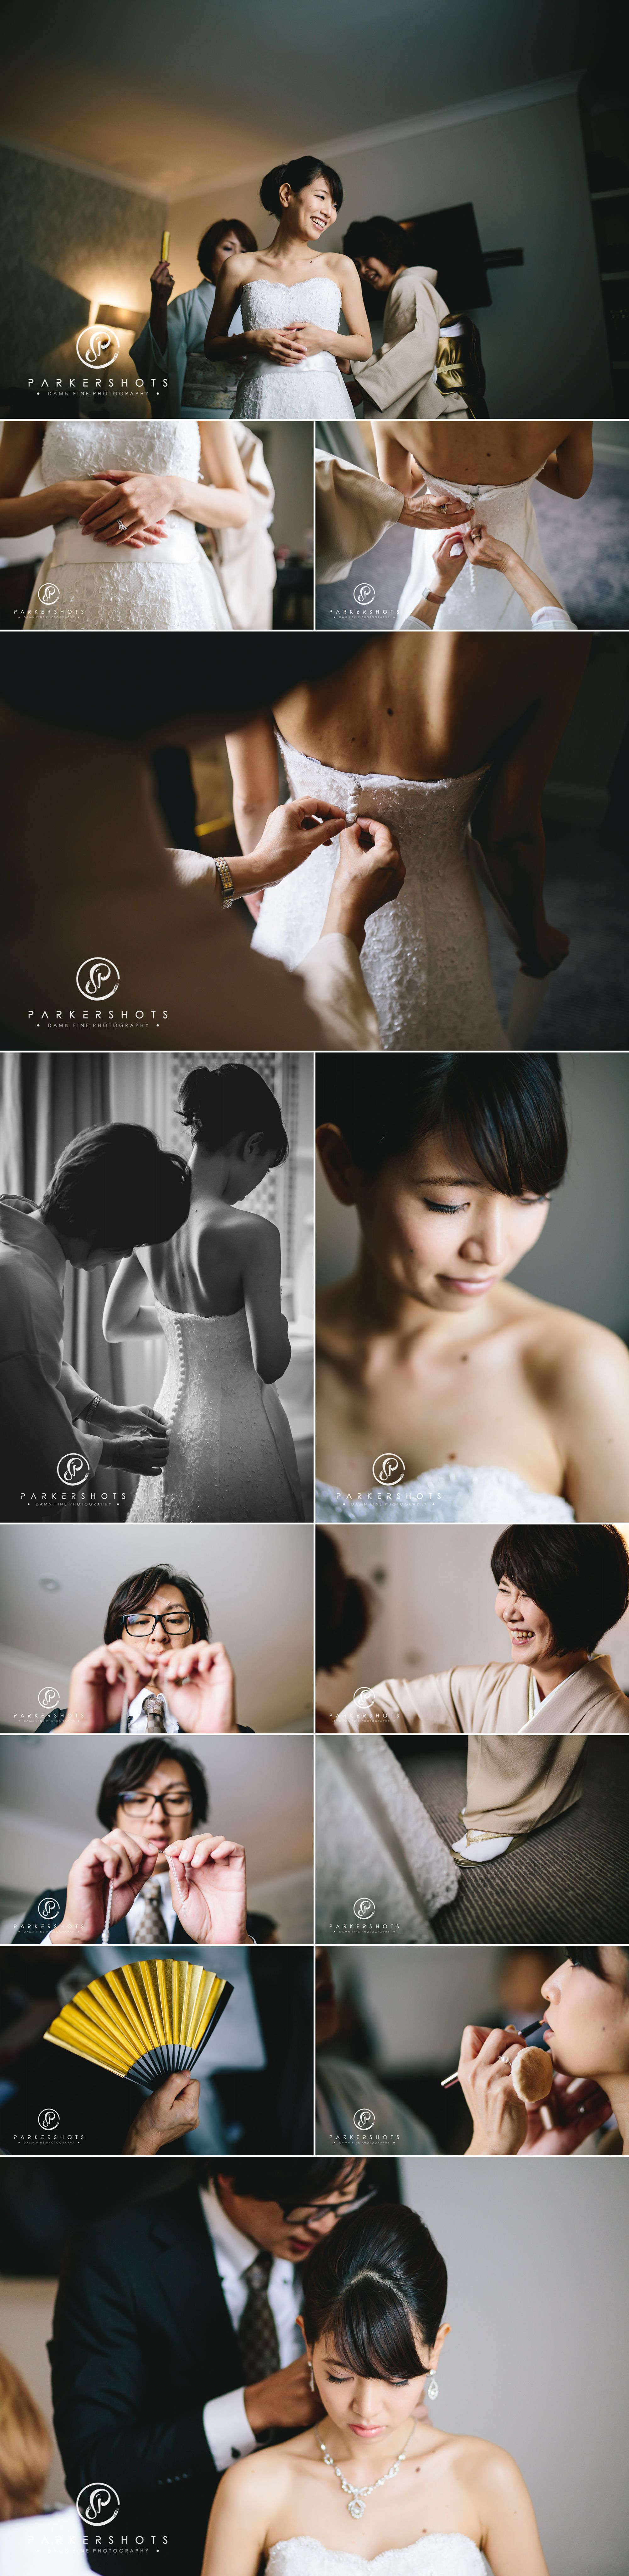 Tunbridge_Wells_Wedding_Photographer 2